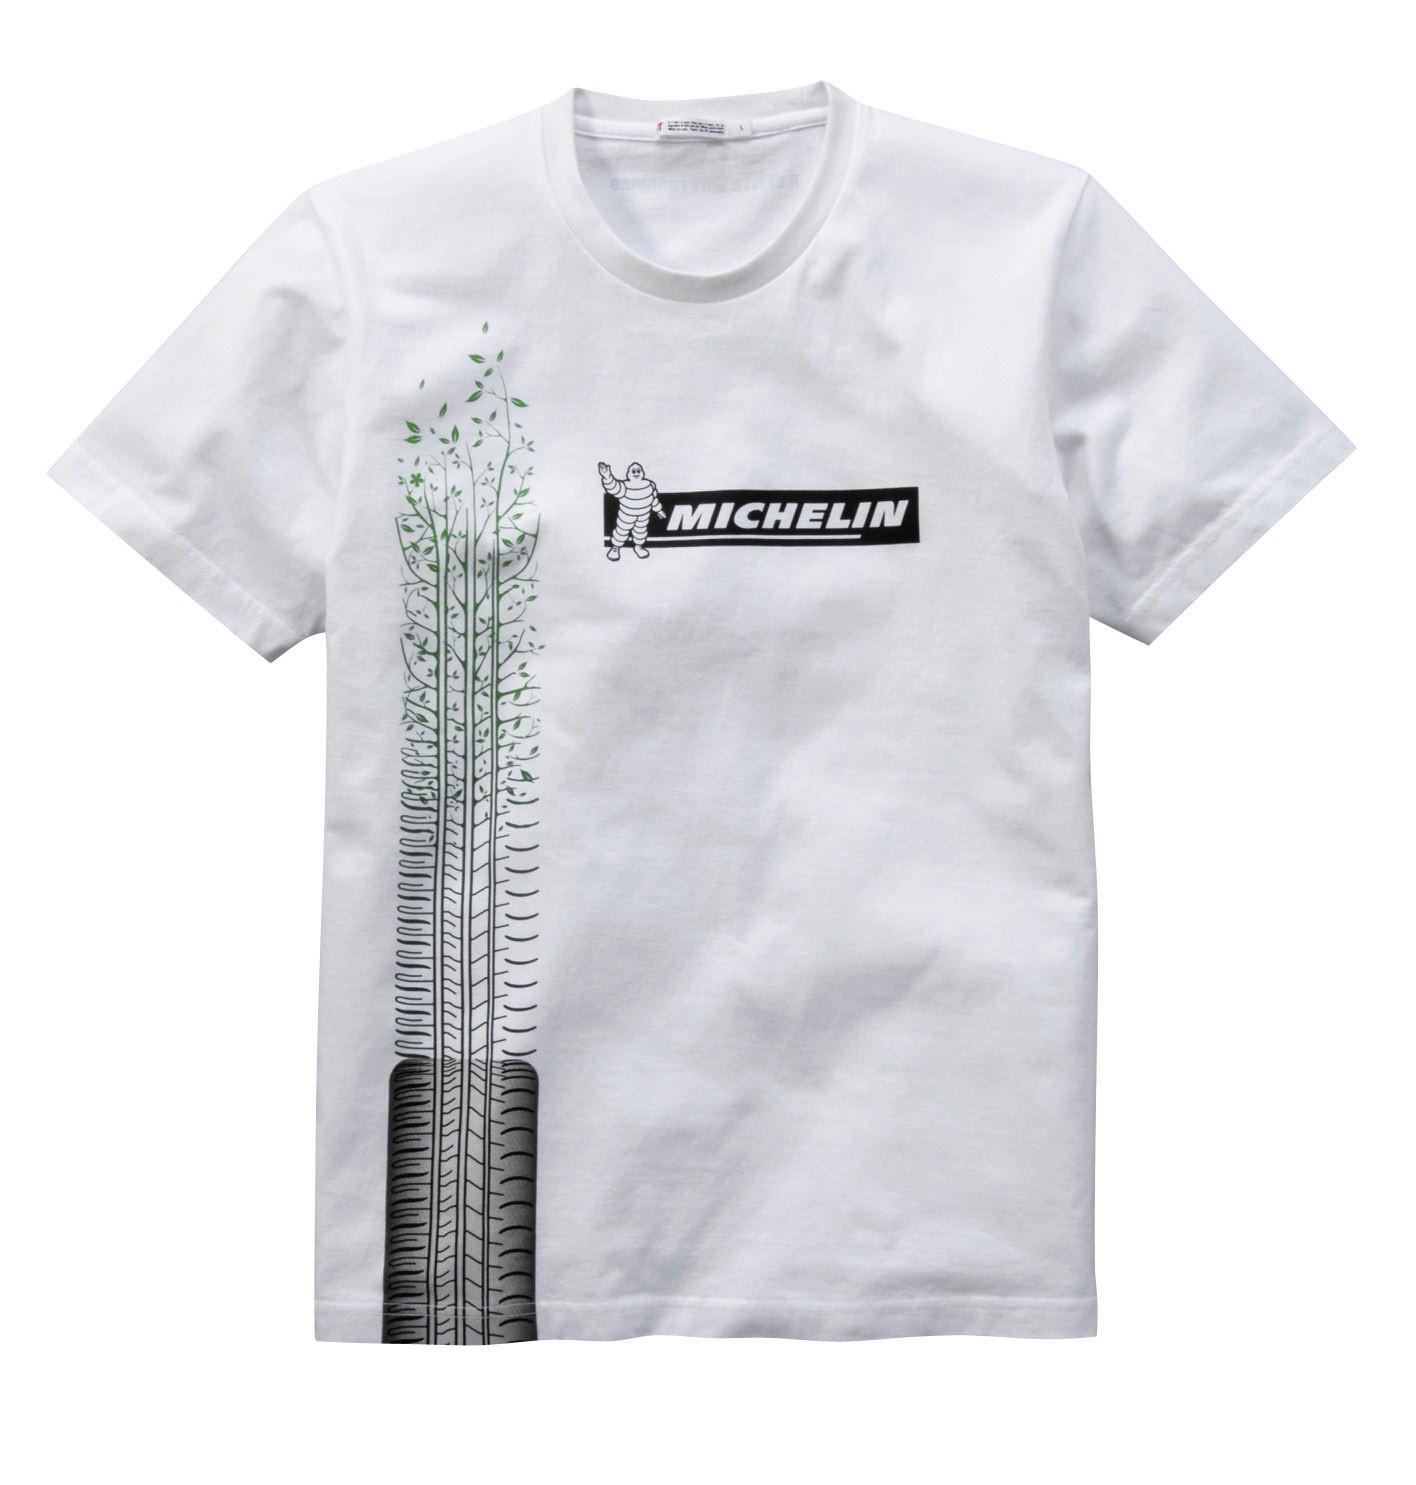 ユニクロコラボTシャツ-メンズ白